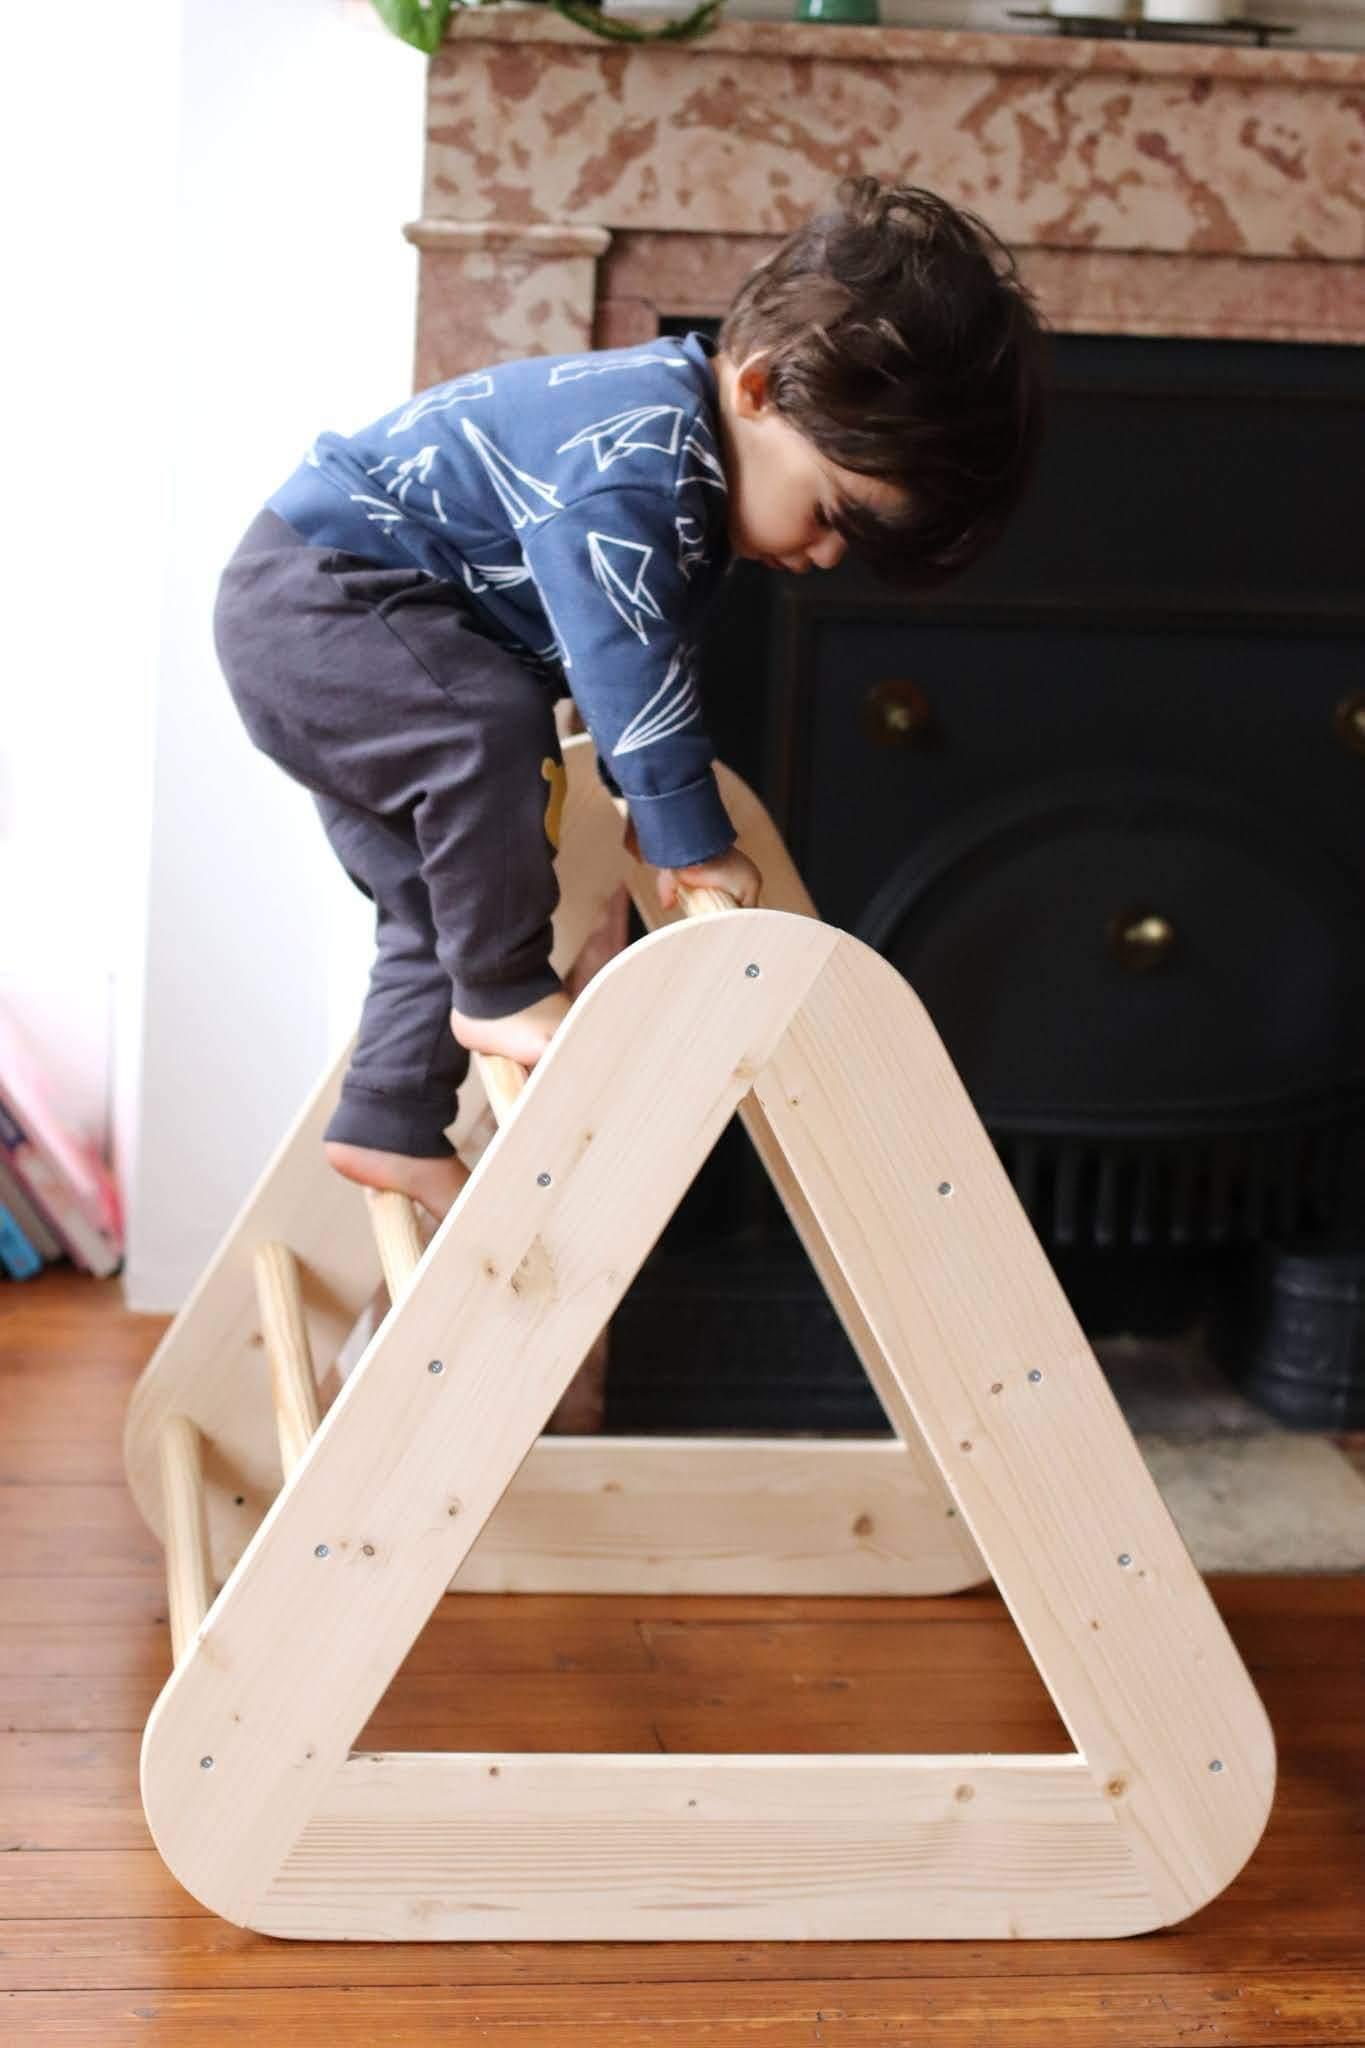 enfant sur une échelle montessori